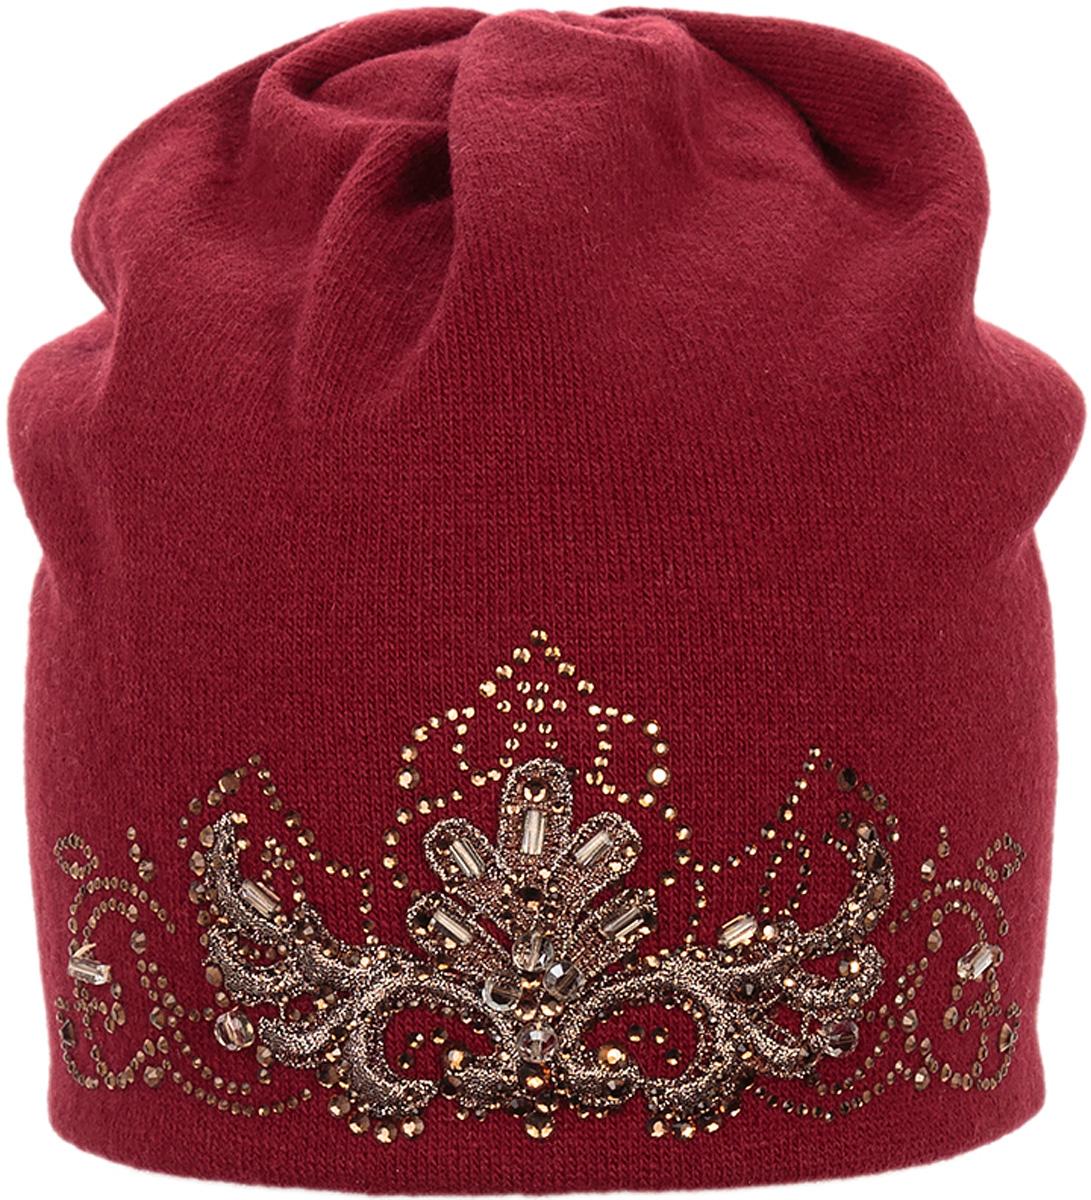 Шапка женская Level Pro Кристина, цвет: вишневый. 998092. Размер 56/58998092Стильная женская шапка Level Pro дополнит ваш наряд и не позволит вам замерзнуть в холодное время года. Шапка на флисовой подкладке выполнена из пряжи сложного состава с содержанием шерсти и акрила, что позволяет ей великолепно сохранять тепло и обеспечивает высокую эластичность и удобство посадки. Изделие оформлено вышивкой и стразами. Такая шапка составит идеальный комплект с модной верхней одеждой, в ней вам будет уютно и тепло.